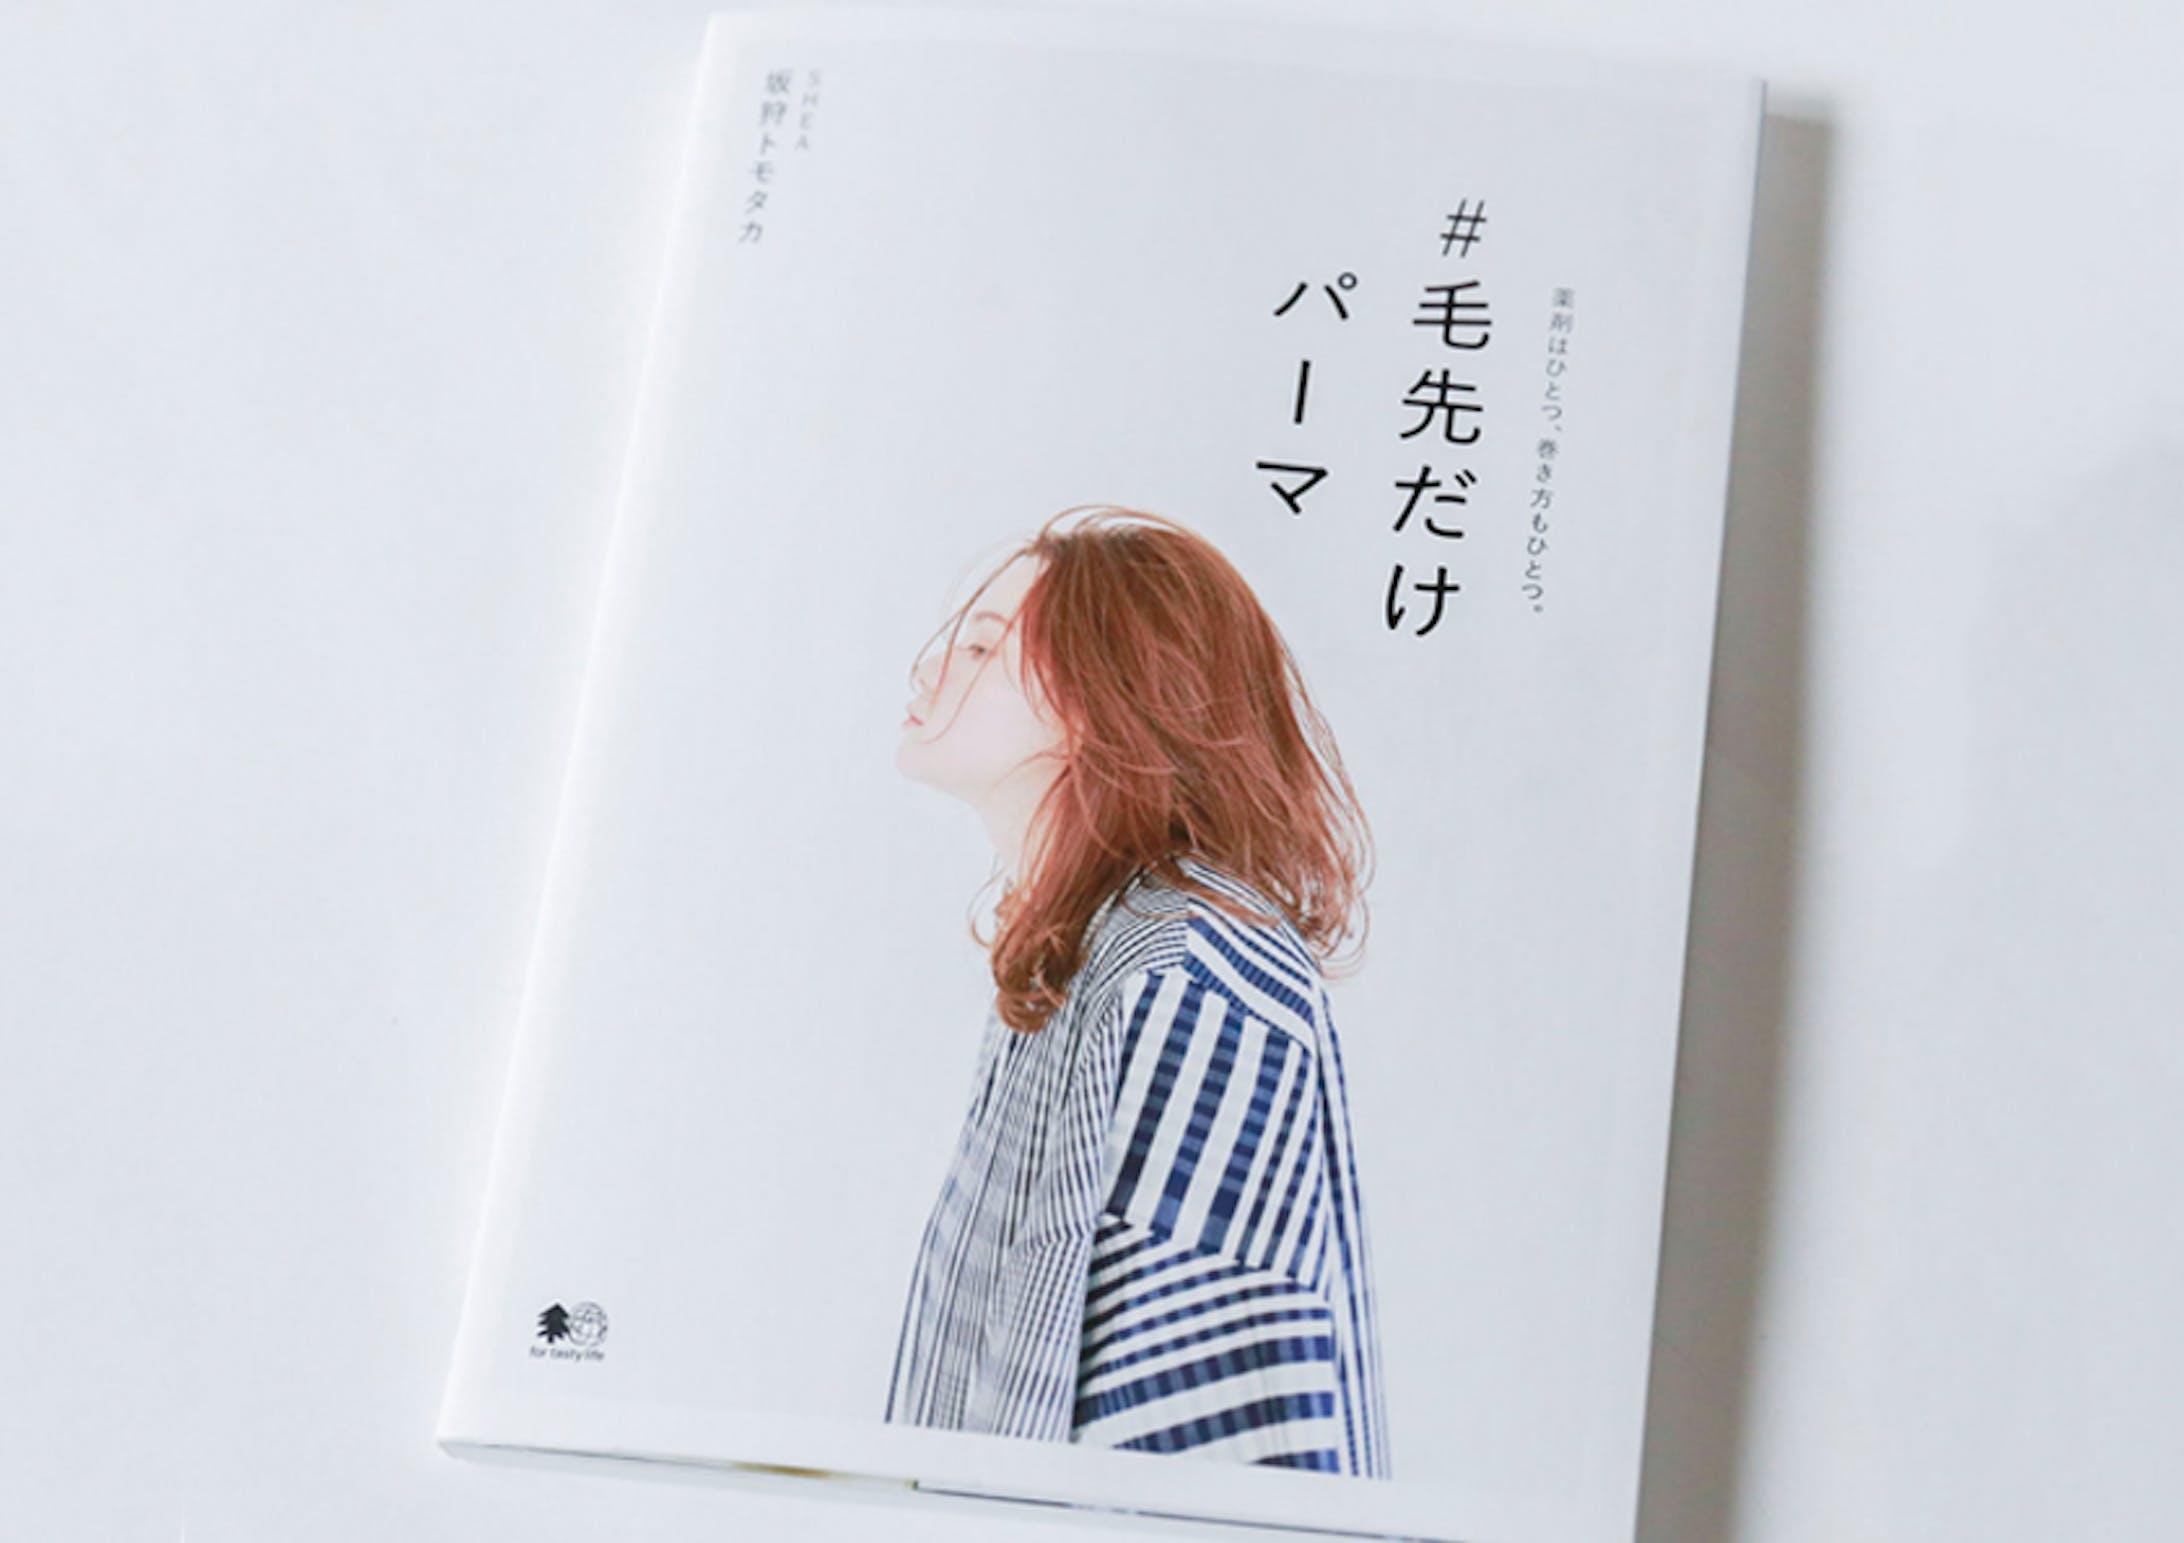 『毛先だけパーマ』SHEA.坂狩トモタカ-1